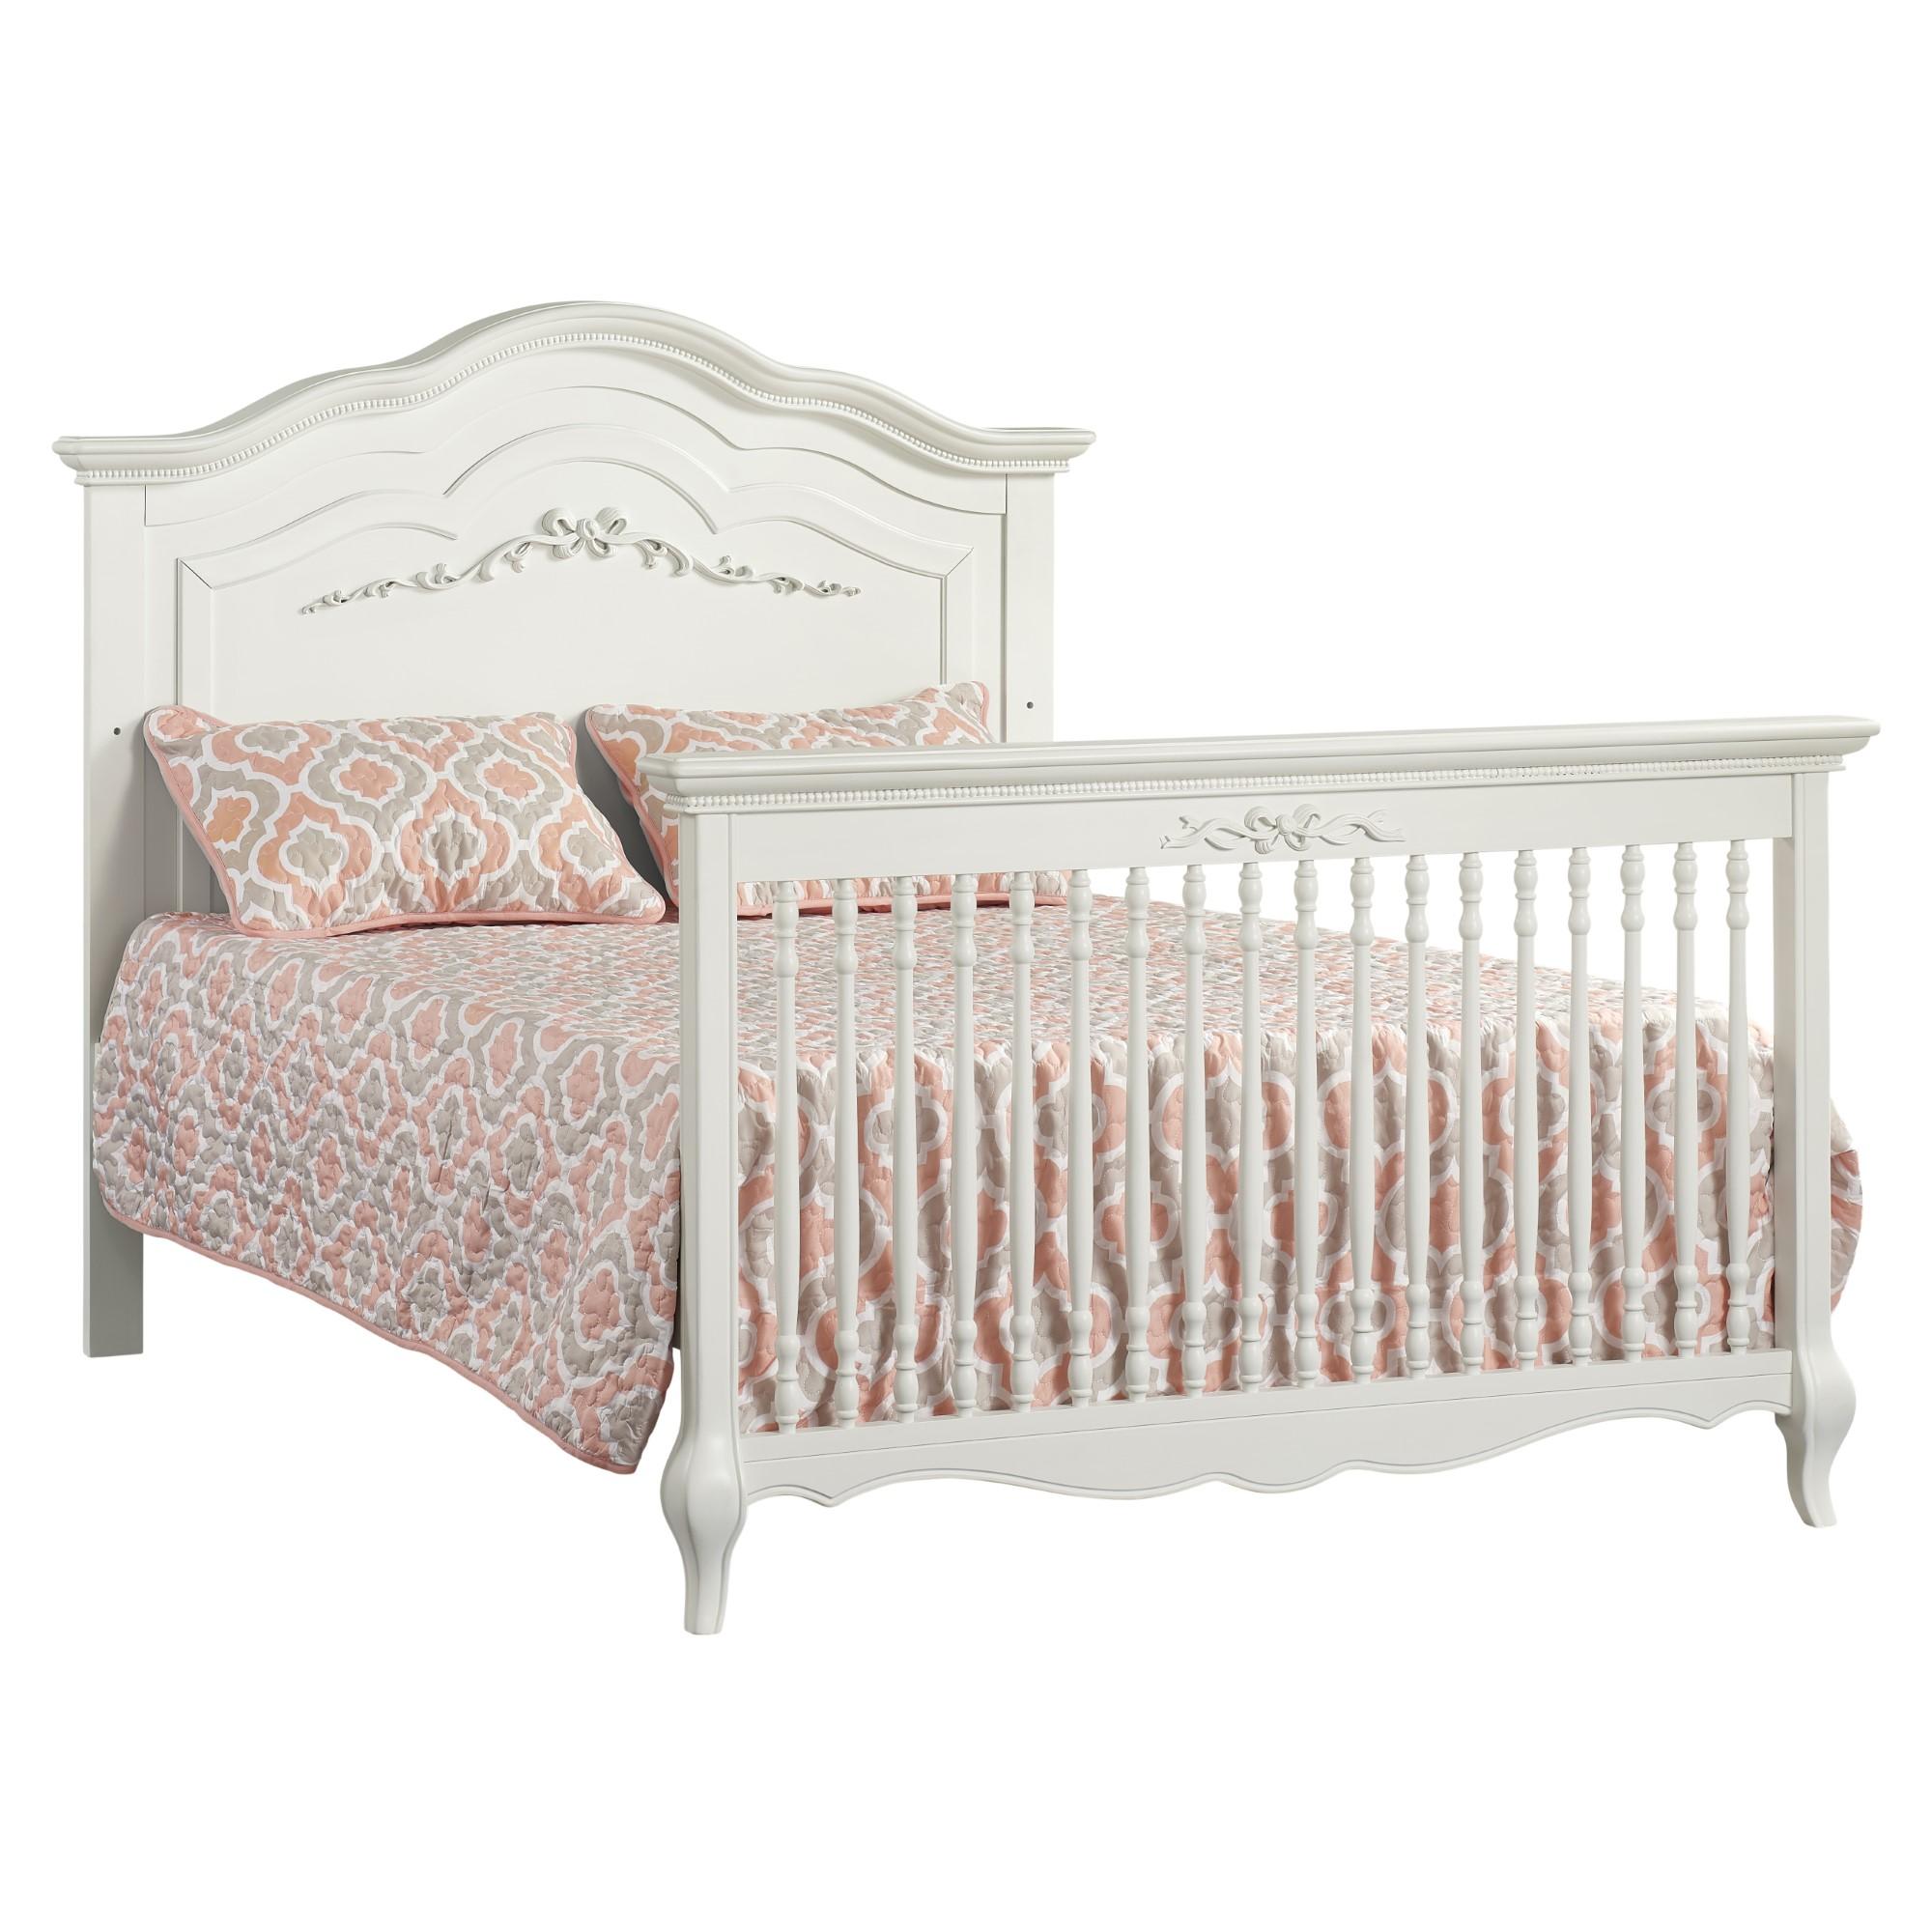 Full Bed Conversion Kit Hampton Canyon Gray Soho Baby